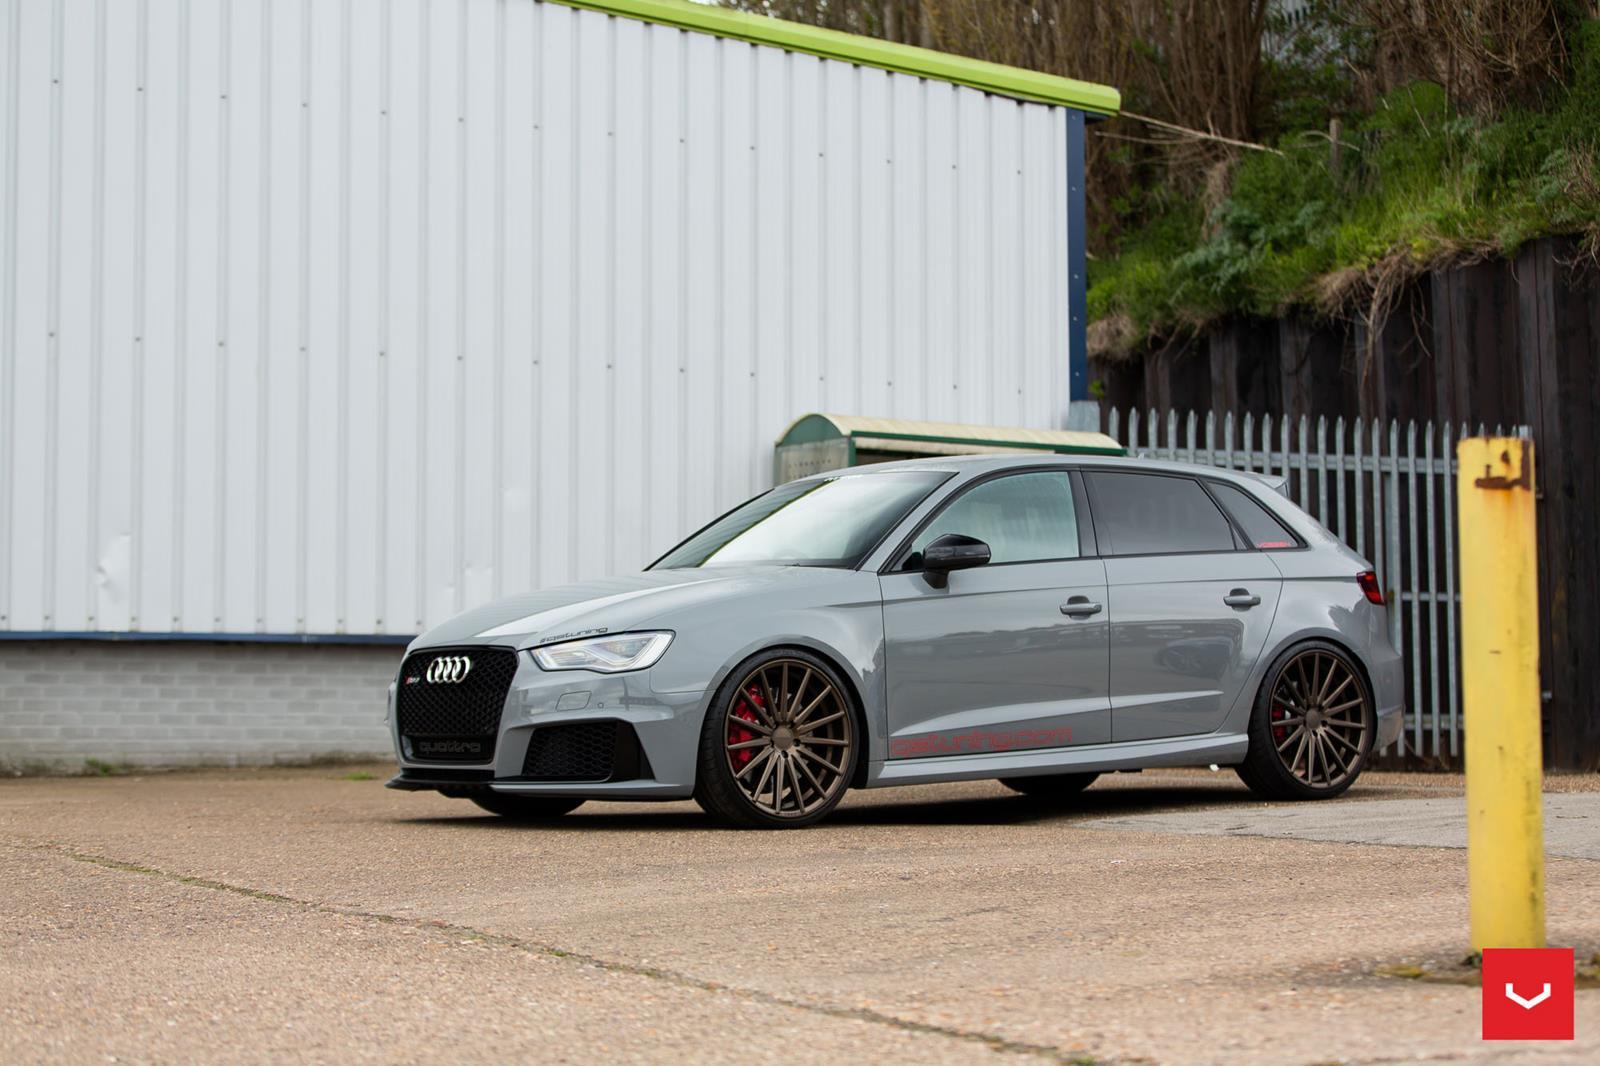 Audi Rs3 Vossen Flow Formed Series Vfs2 Vossen Wheels